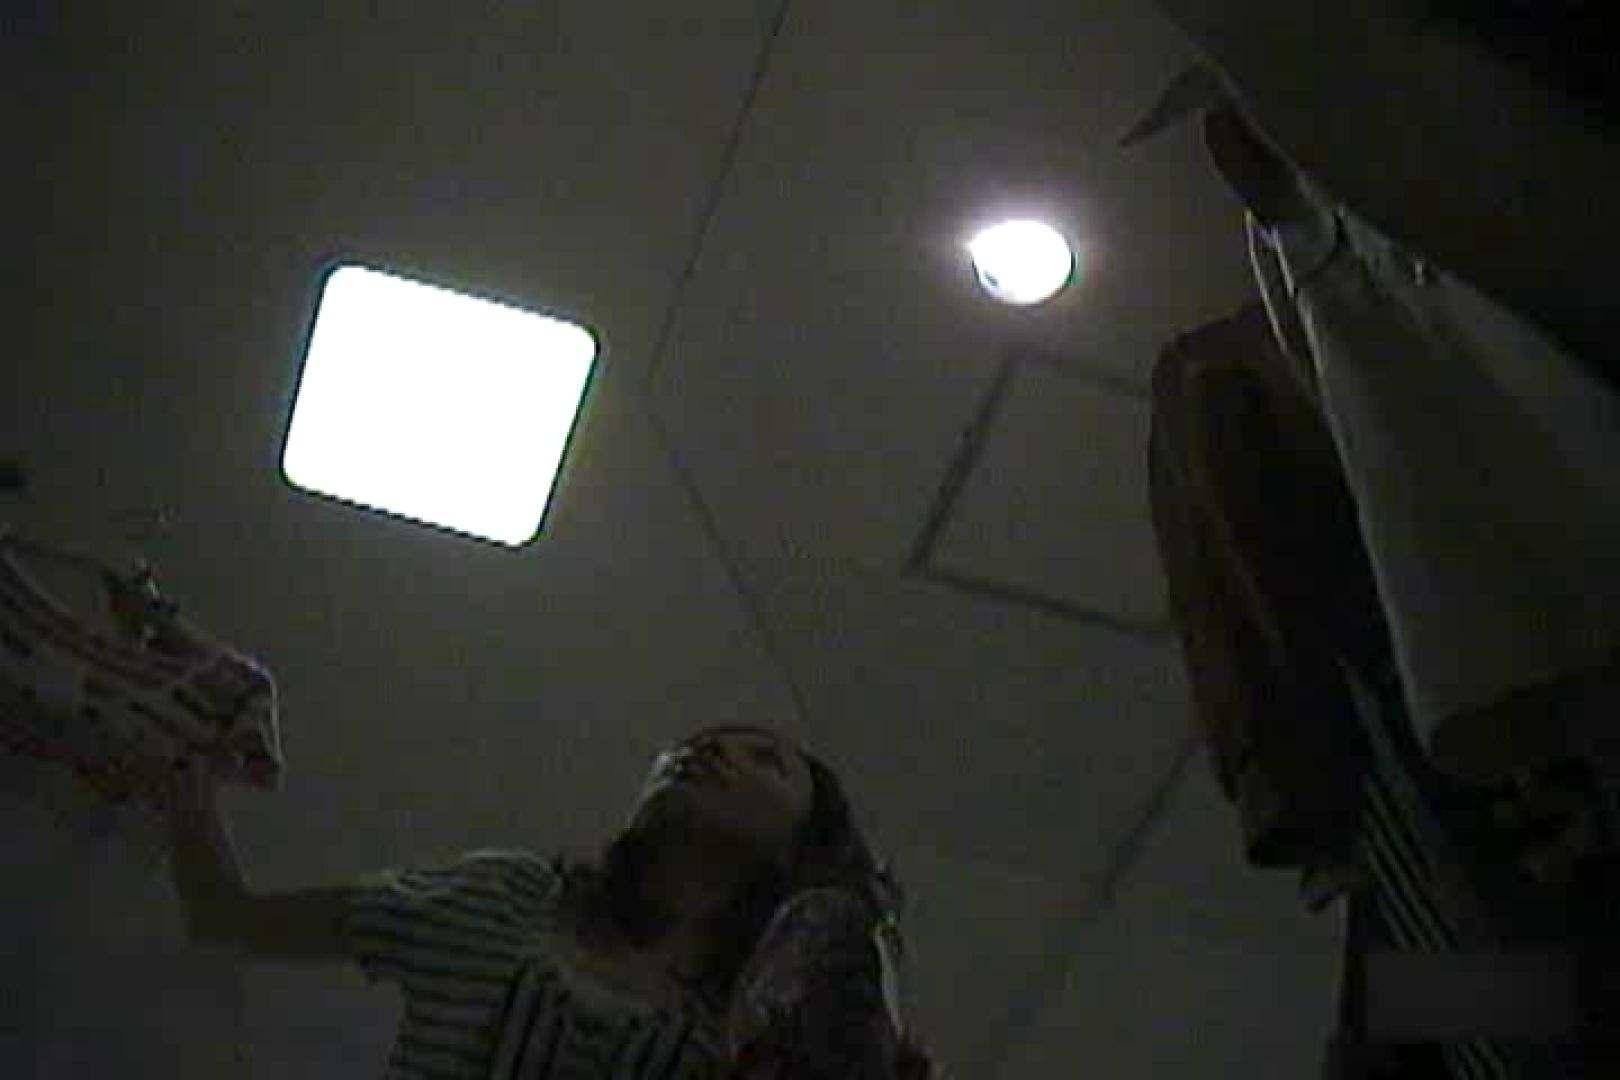 ショップギャルパンチラ!ただ今接客中!!Vol.47 パンチラ オマンコ動画キャプチャ 85pic 45